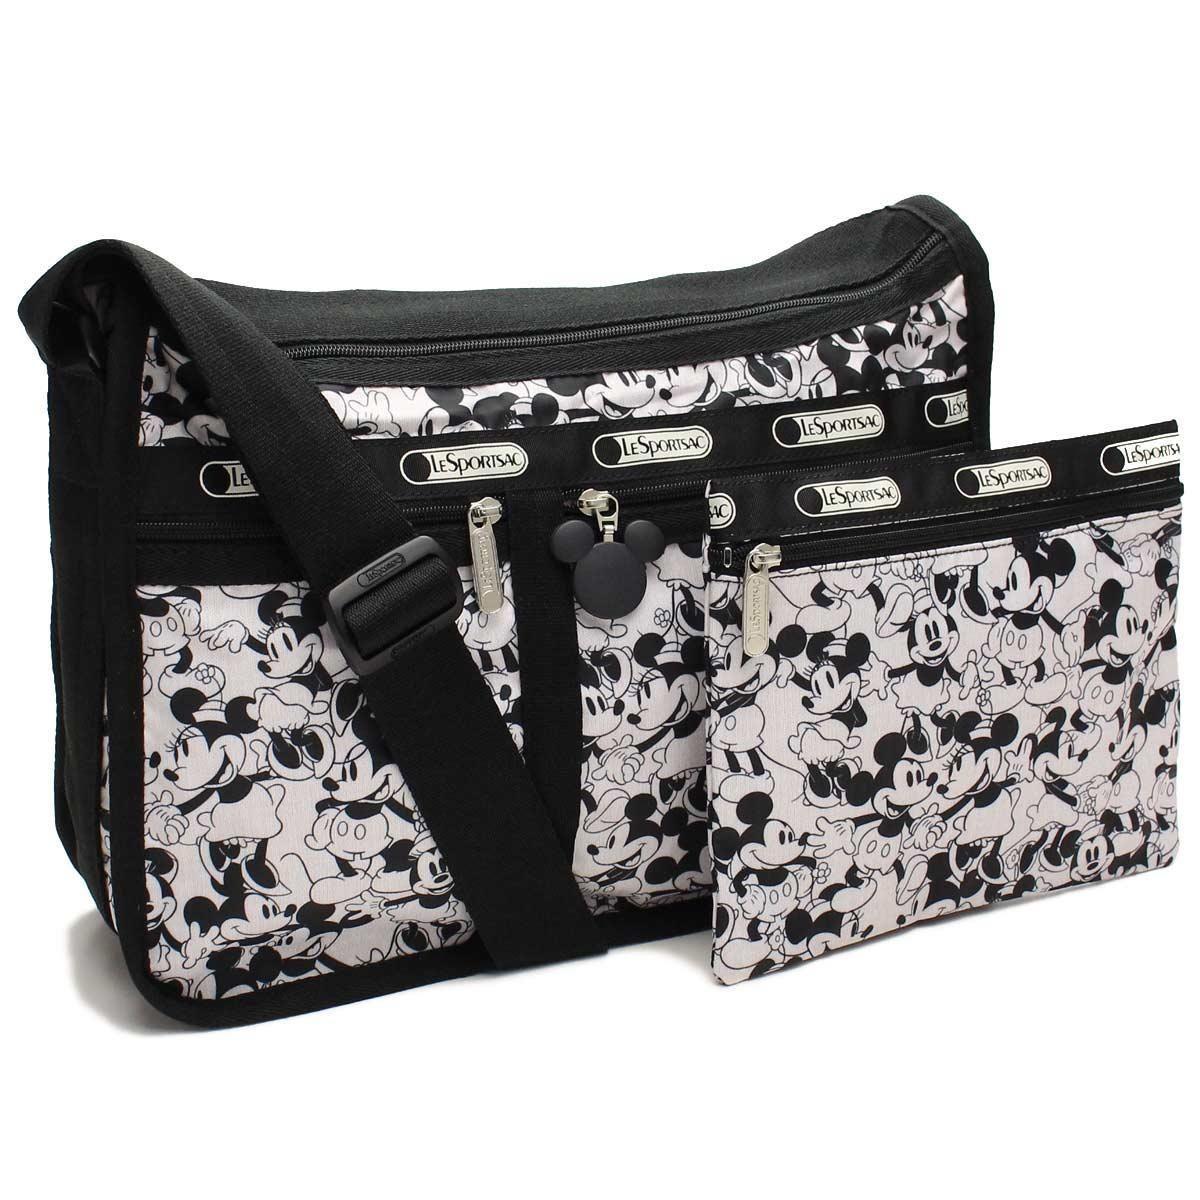 レスポートサック (Le Sport sac) Deluxe Everyday Bag デラックスエブリディバッグ斜め掛けショルダーバッグ7507 P928ブラックホワイト系